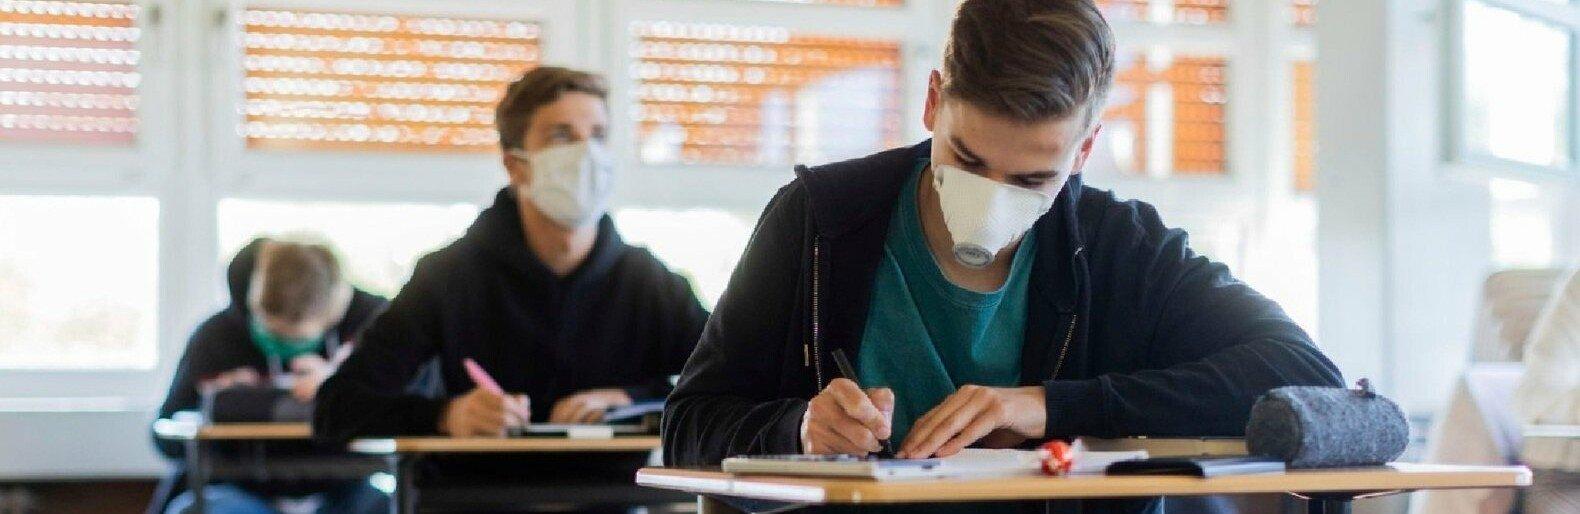 Как будут работать учреждения образования в Кривом Роге после локдауна